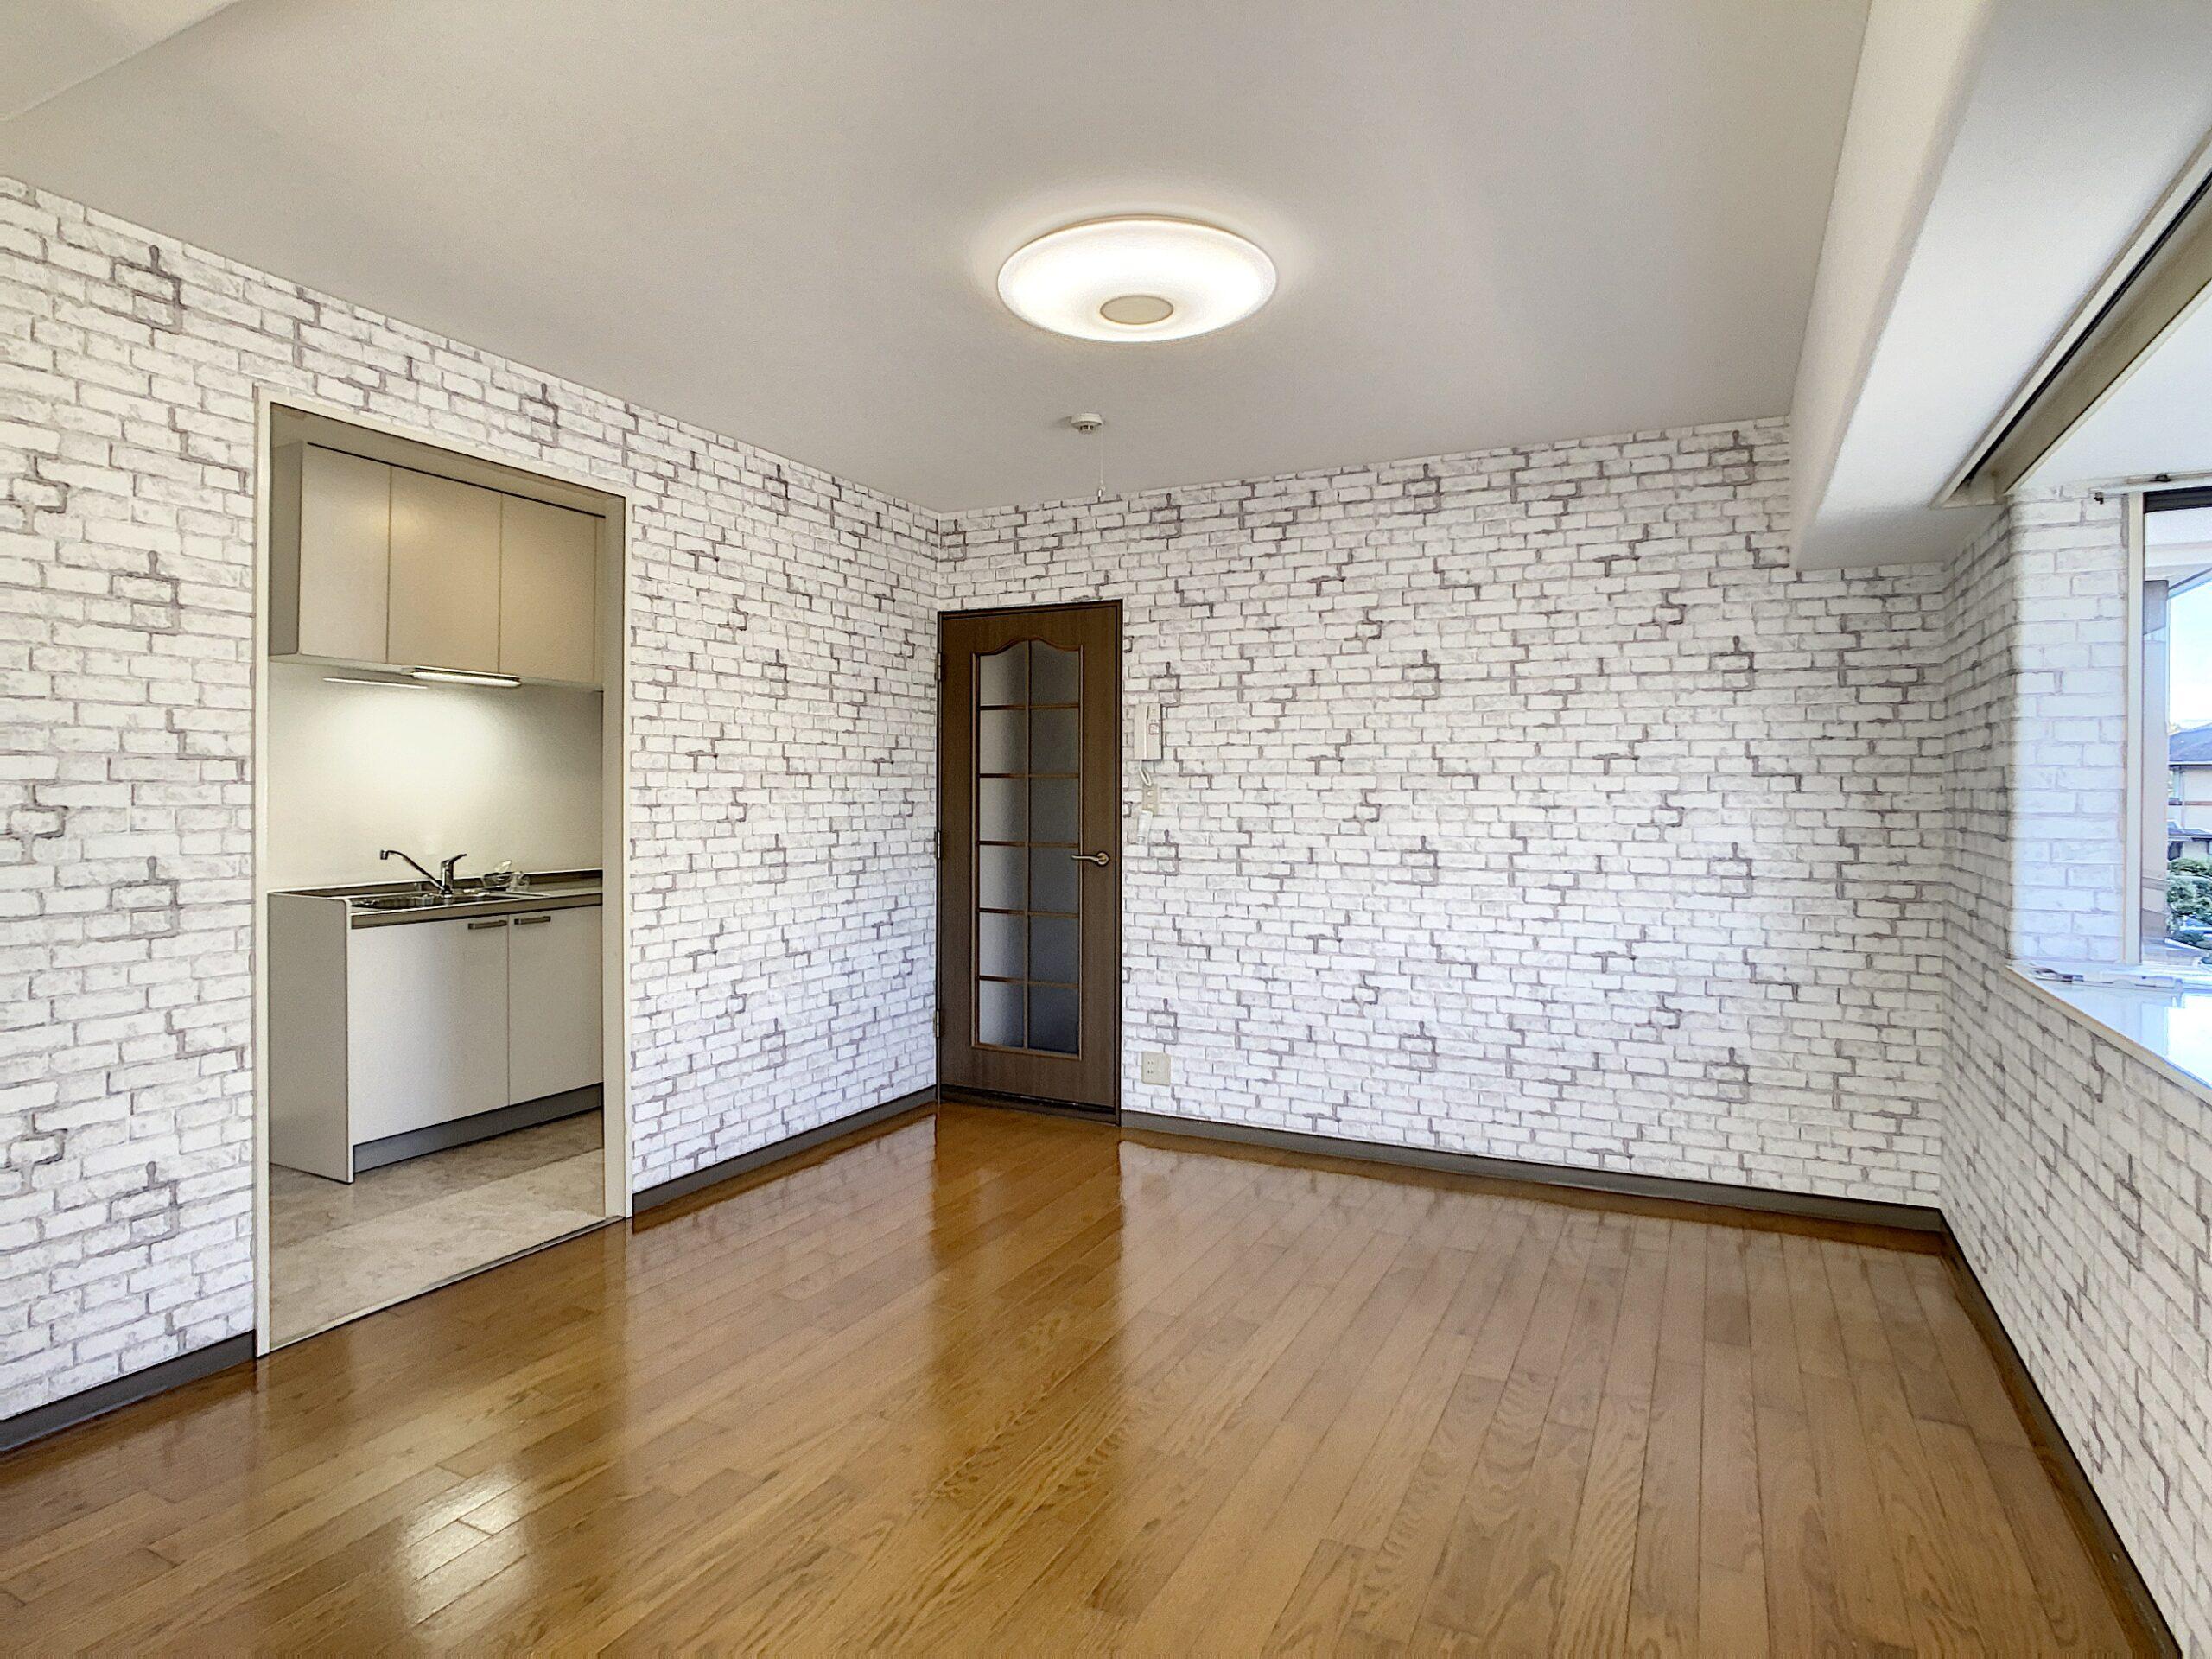 白のレンガ調壁紙がヨーロピアンな雰囲気を演出してくれます